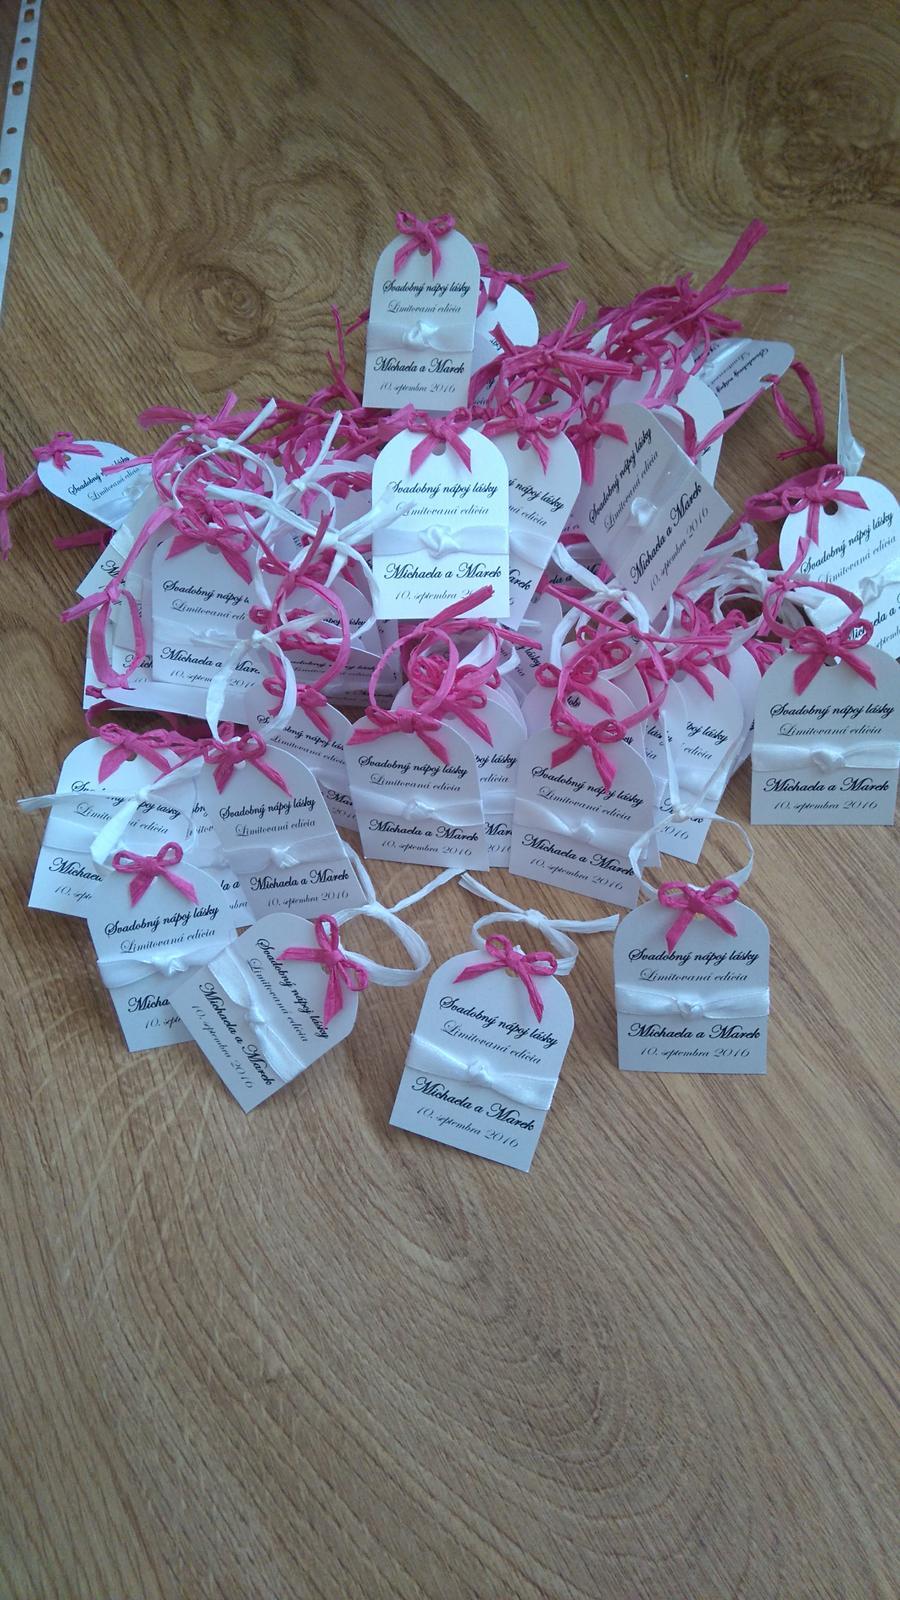 Bude svadba, svadbička :) - tieto etiketky už čakajú na svoju fľašku vínka...a ešte treba raz toľko vyrobiť ;-)